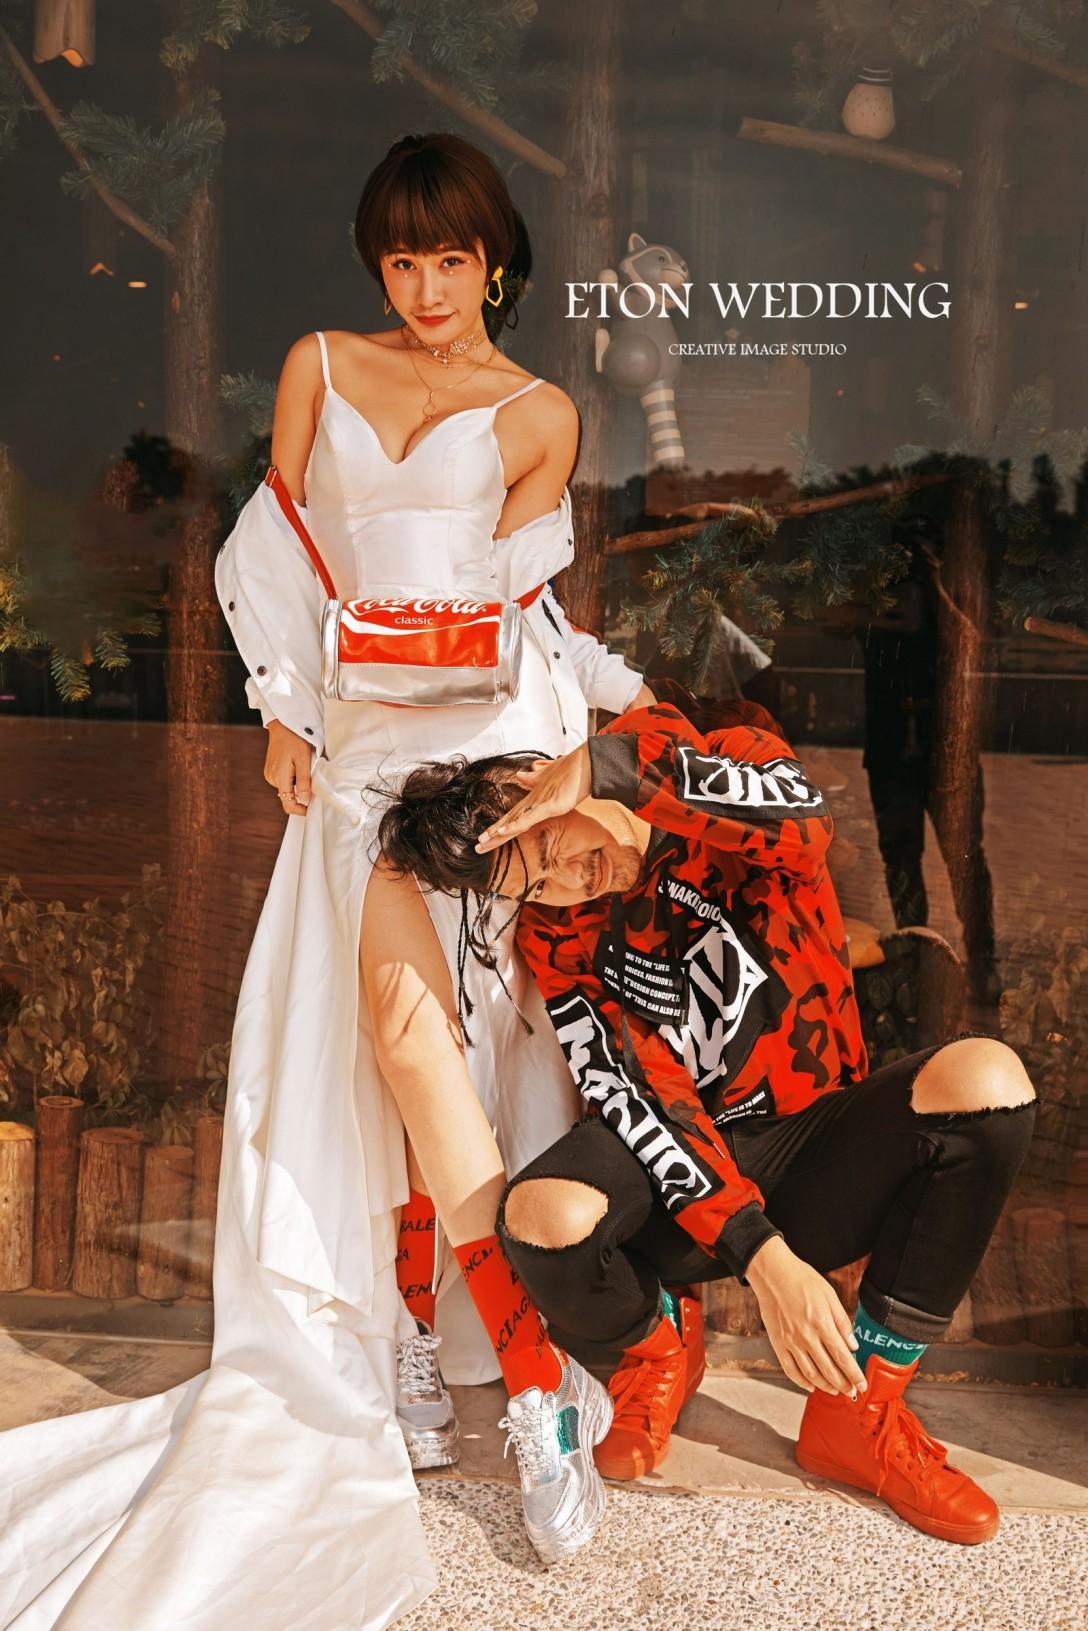 自助婚紗,自助婚紗推薦,自助婚紗風格,婚紗照,24